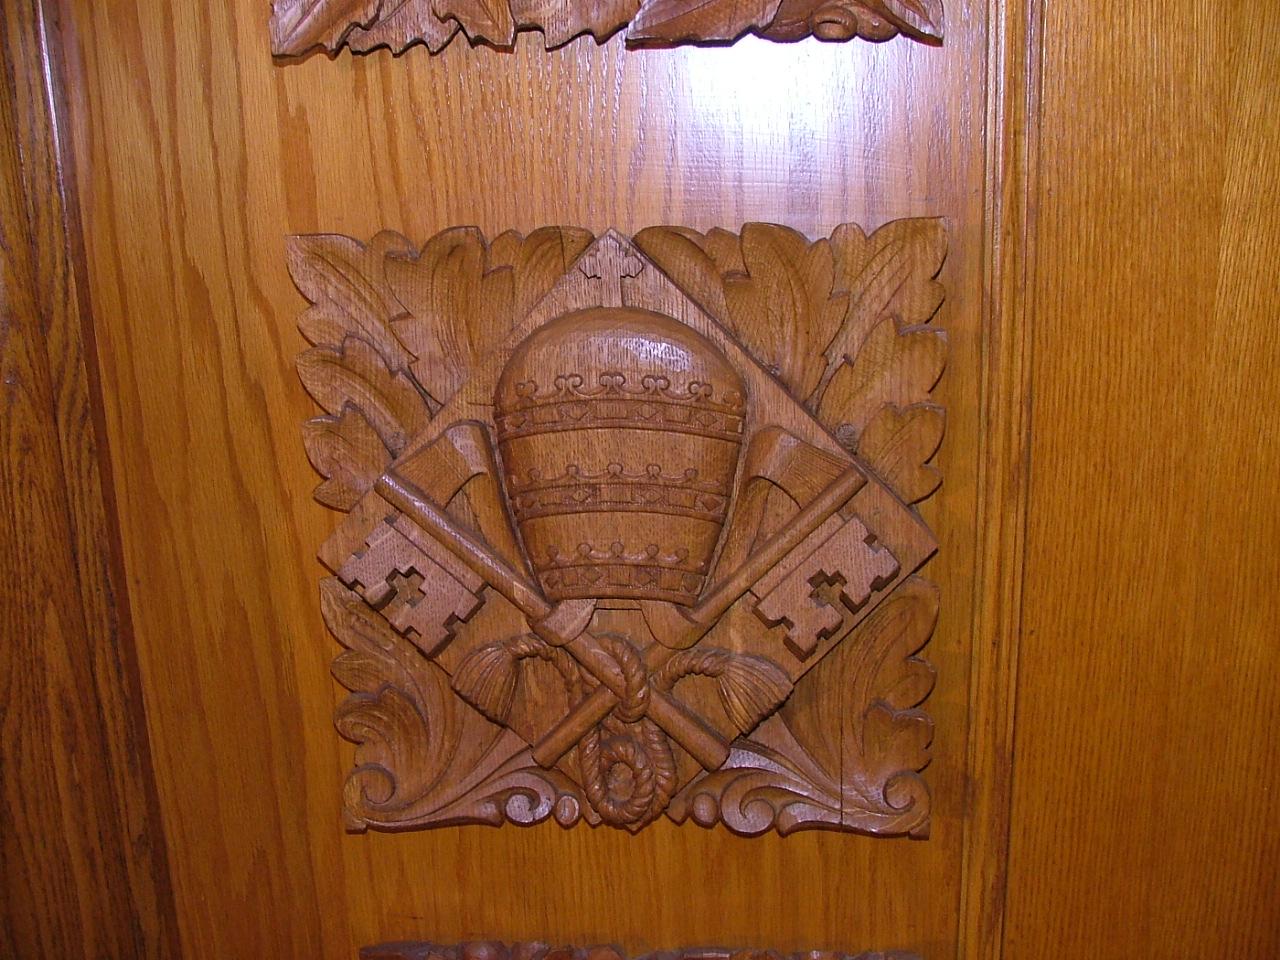 La tiare du pape et les clefs